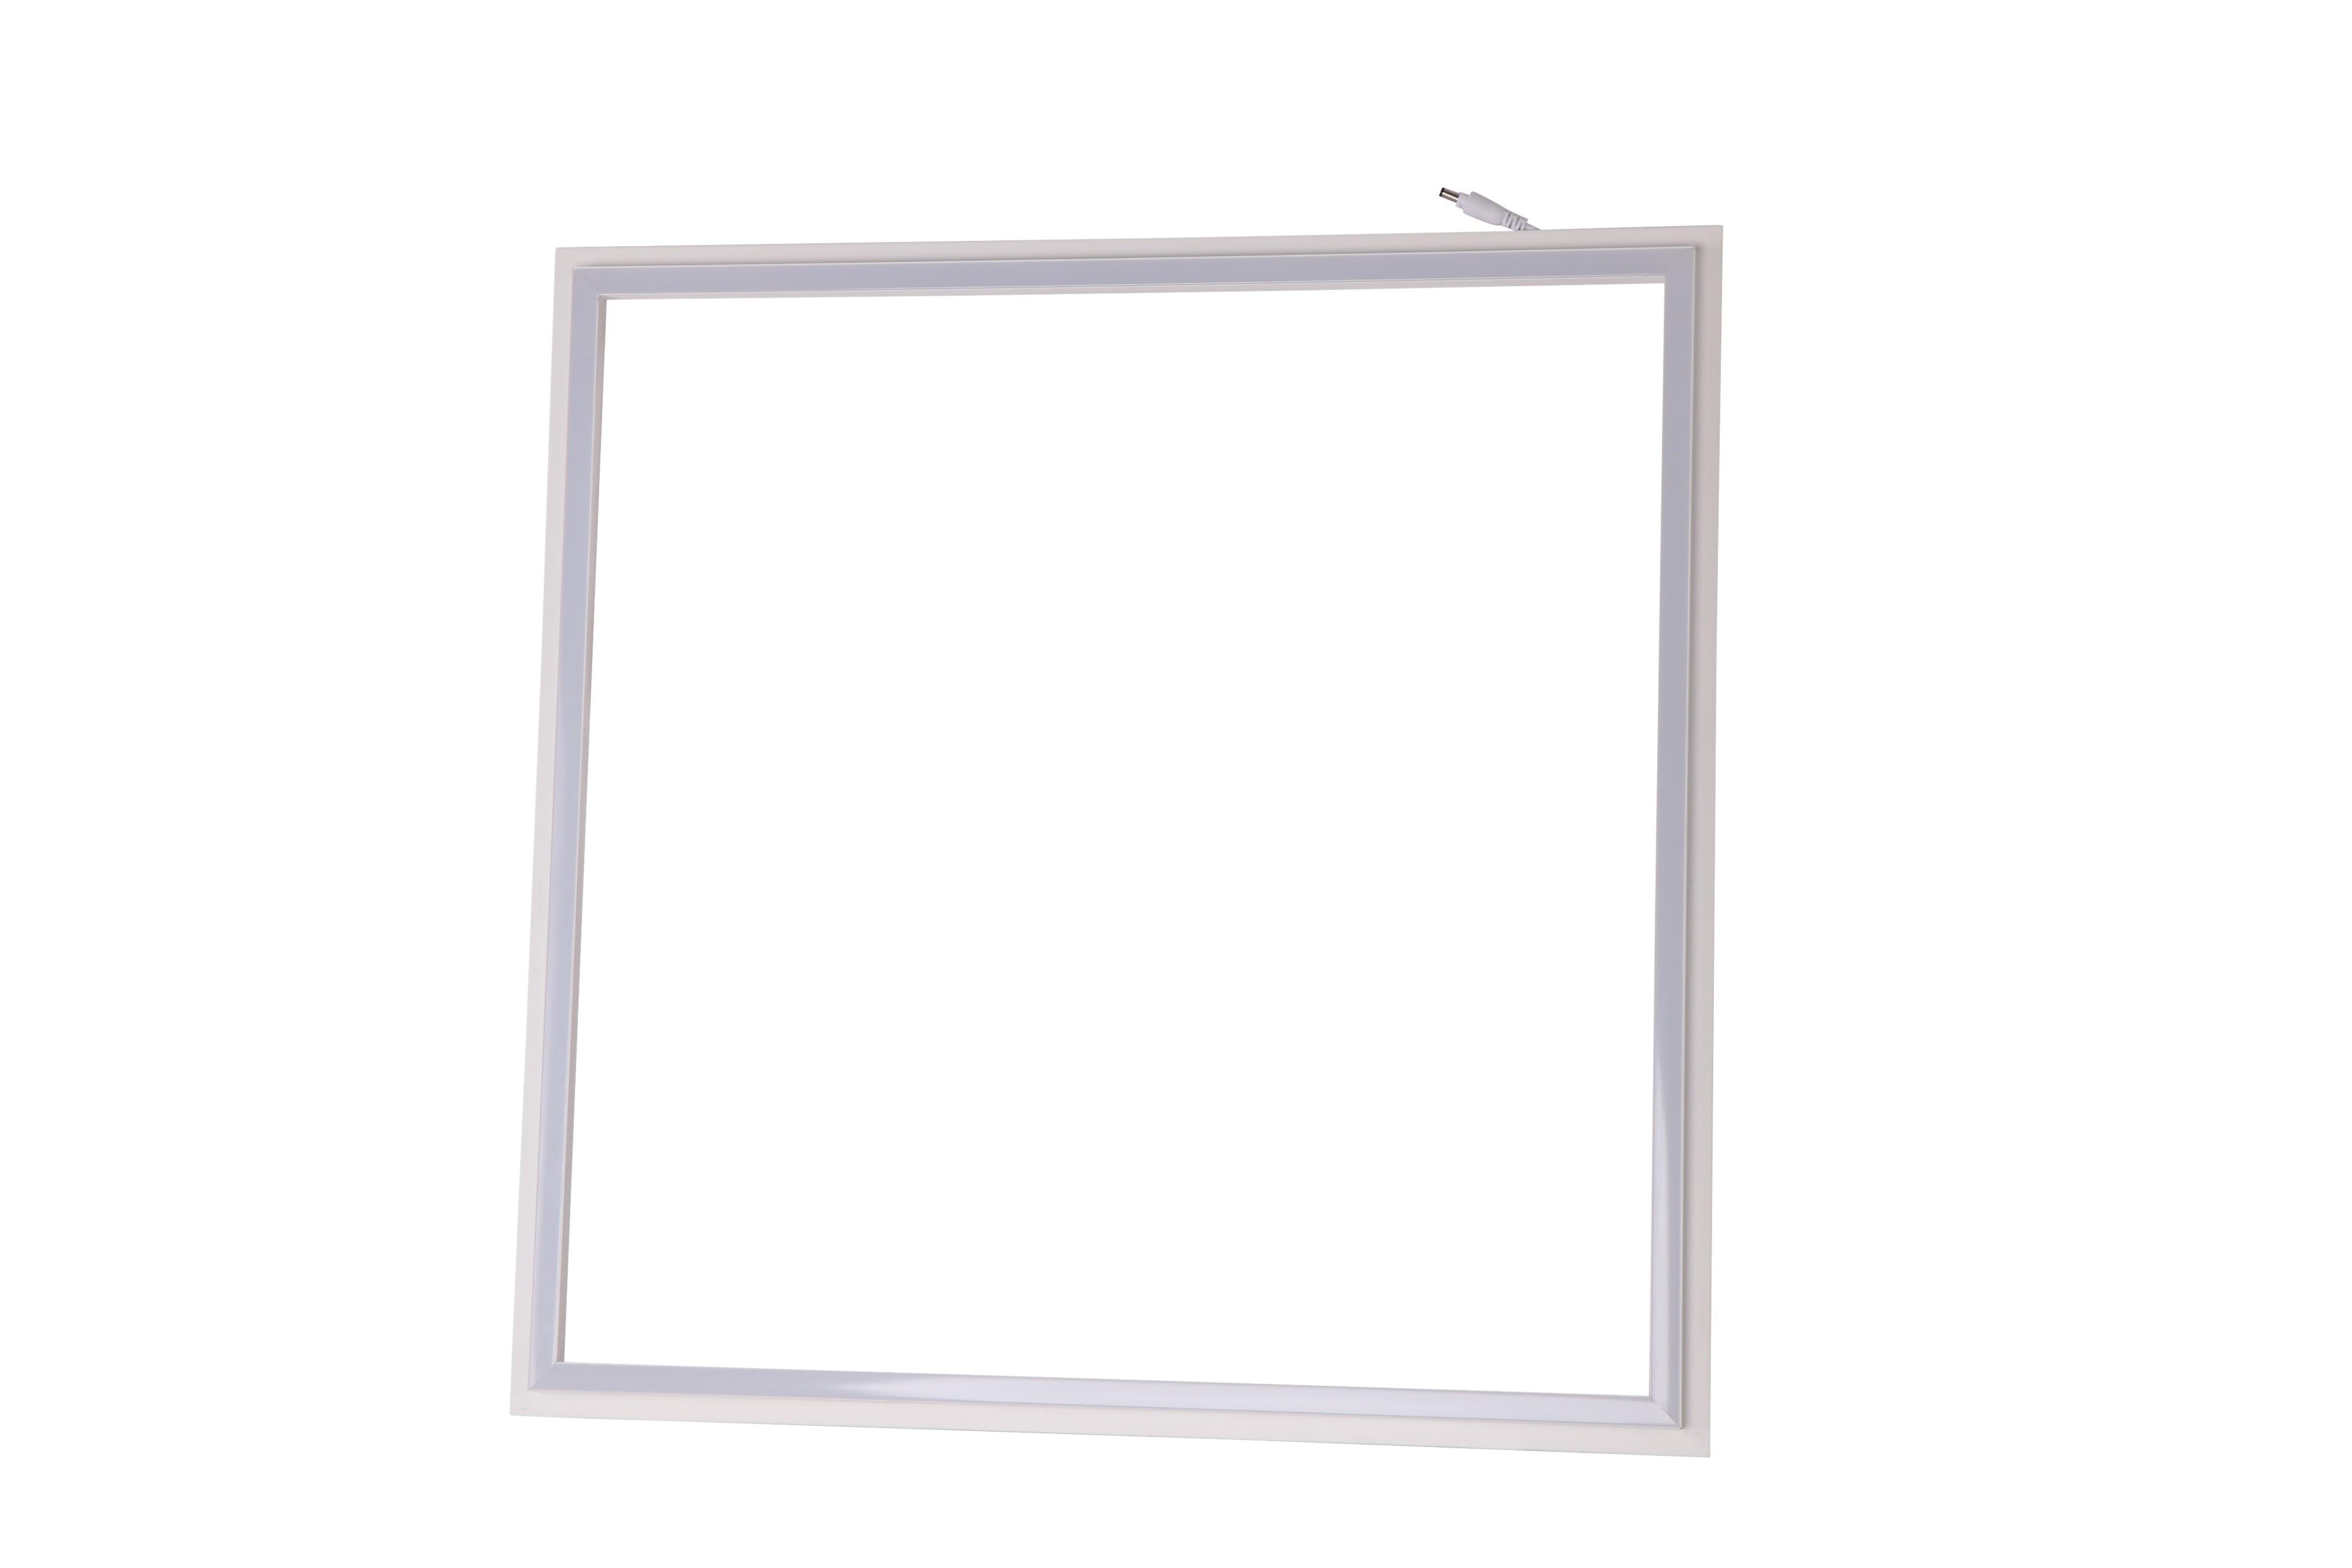 LED Frame Light - INDOOR LIGHTING - Kingsway Lighting Limited